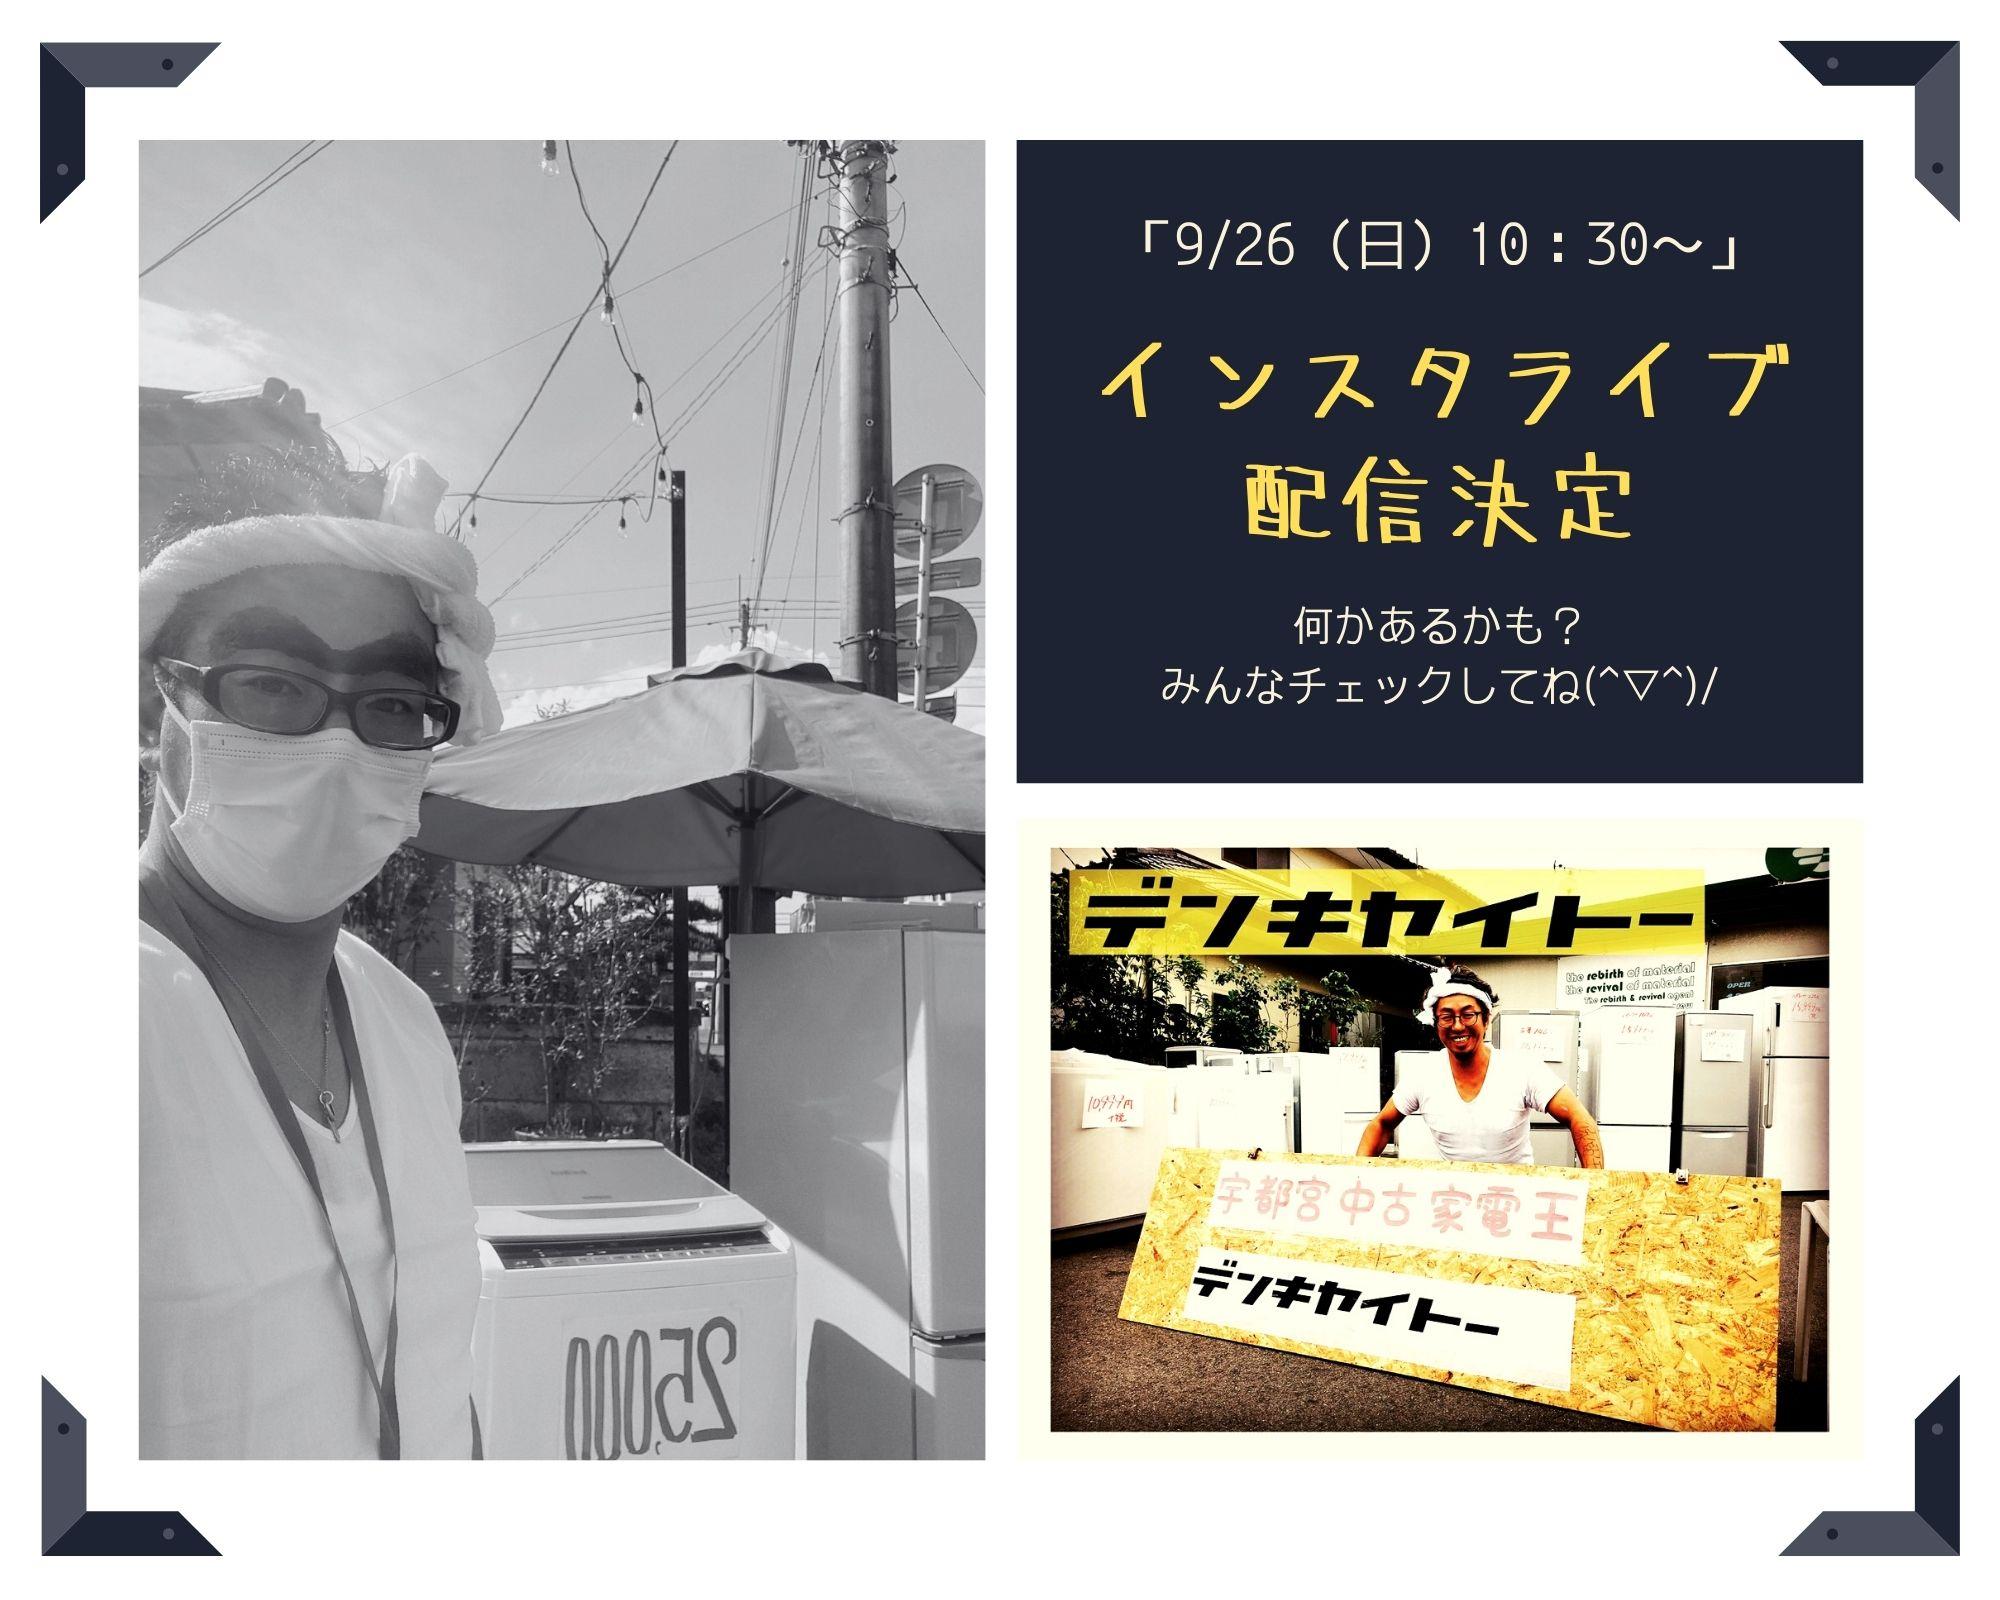 宇都宮 家電 激安イベント デンキヤイトー インスタライブ配信